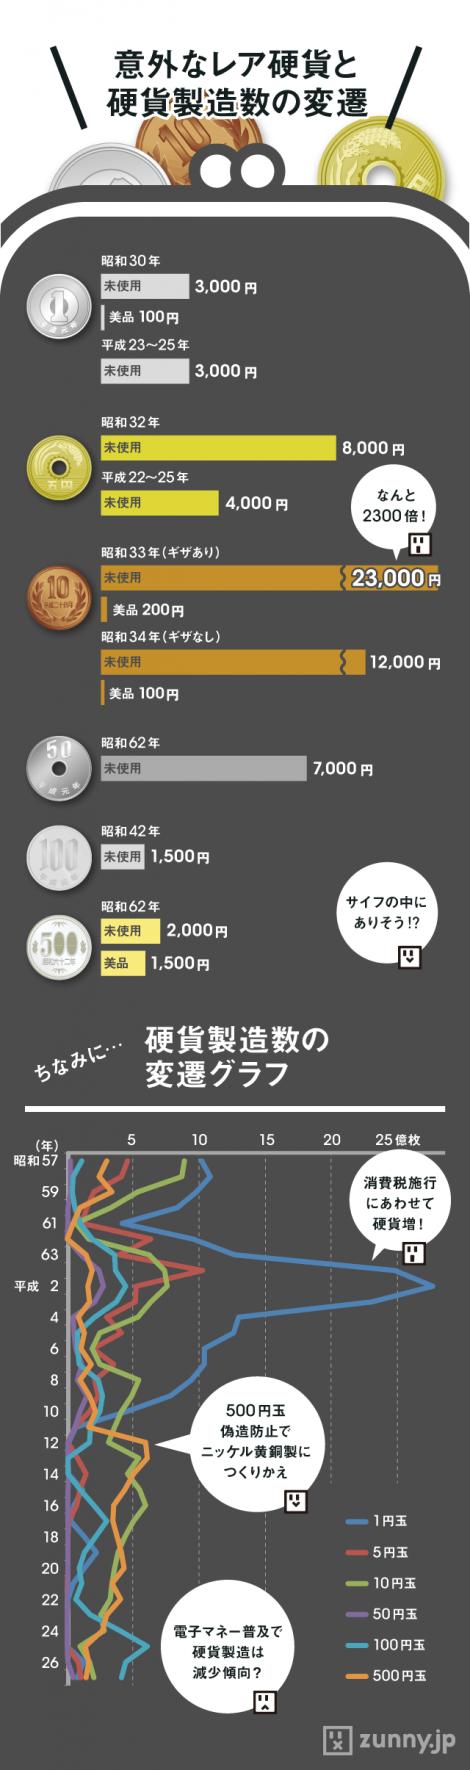 インフォグラフィック:レア硬貨(ギザ十など)のプレミア価格は上昇中。希少価値は最大2,300倍